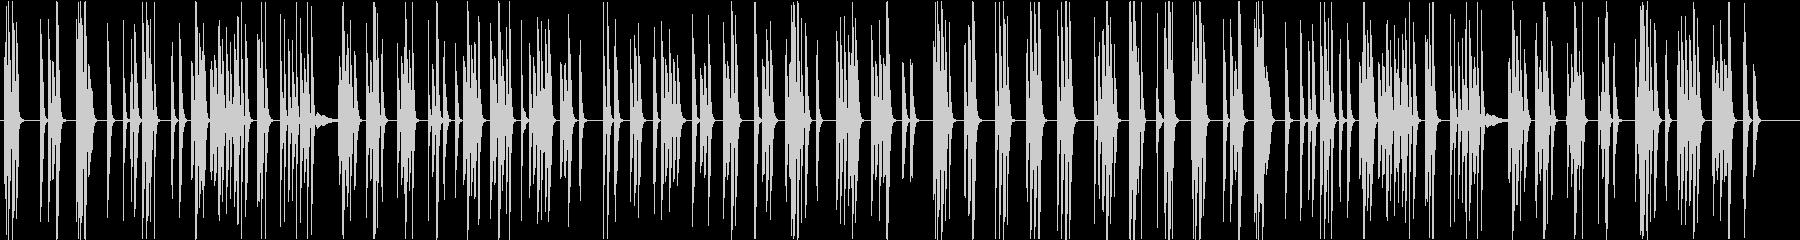 シンプルな暮らし-CM・映像-ピアノの未再生の波形